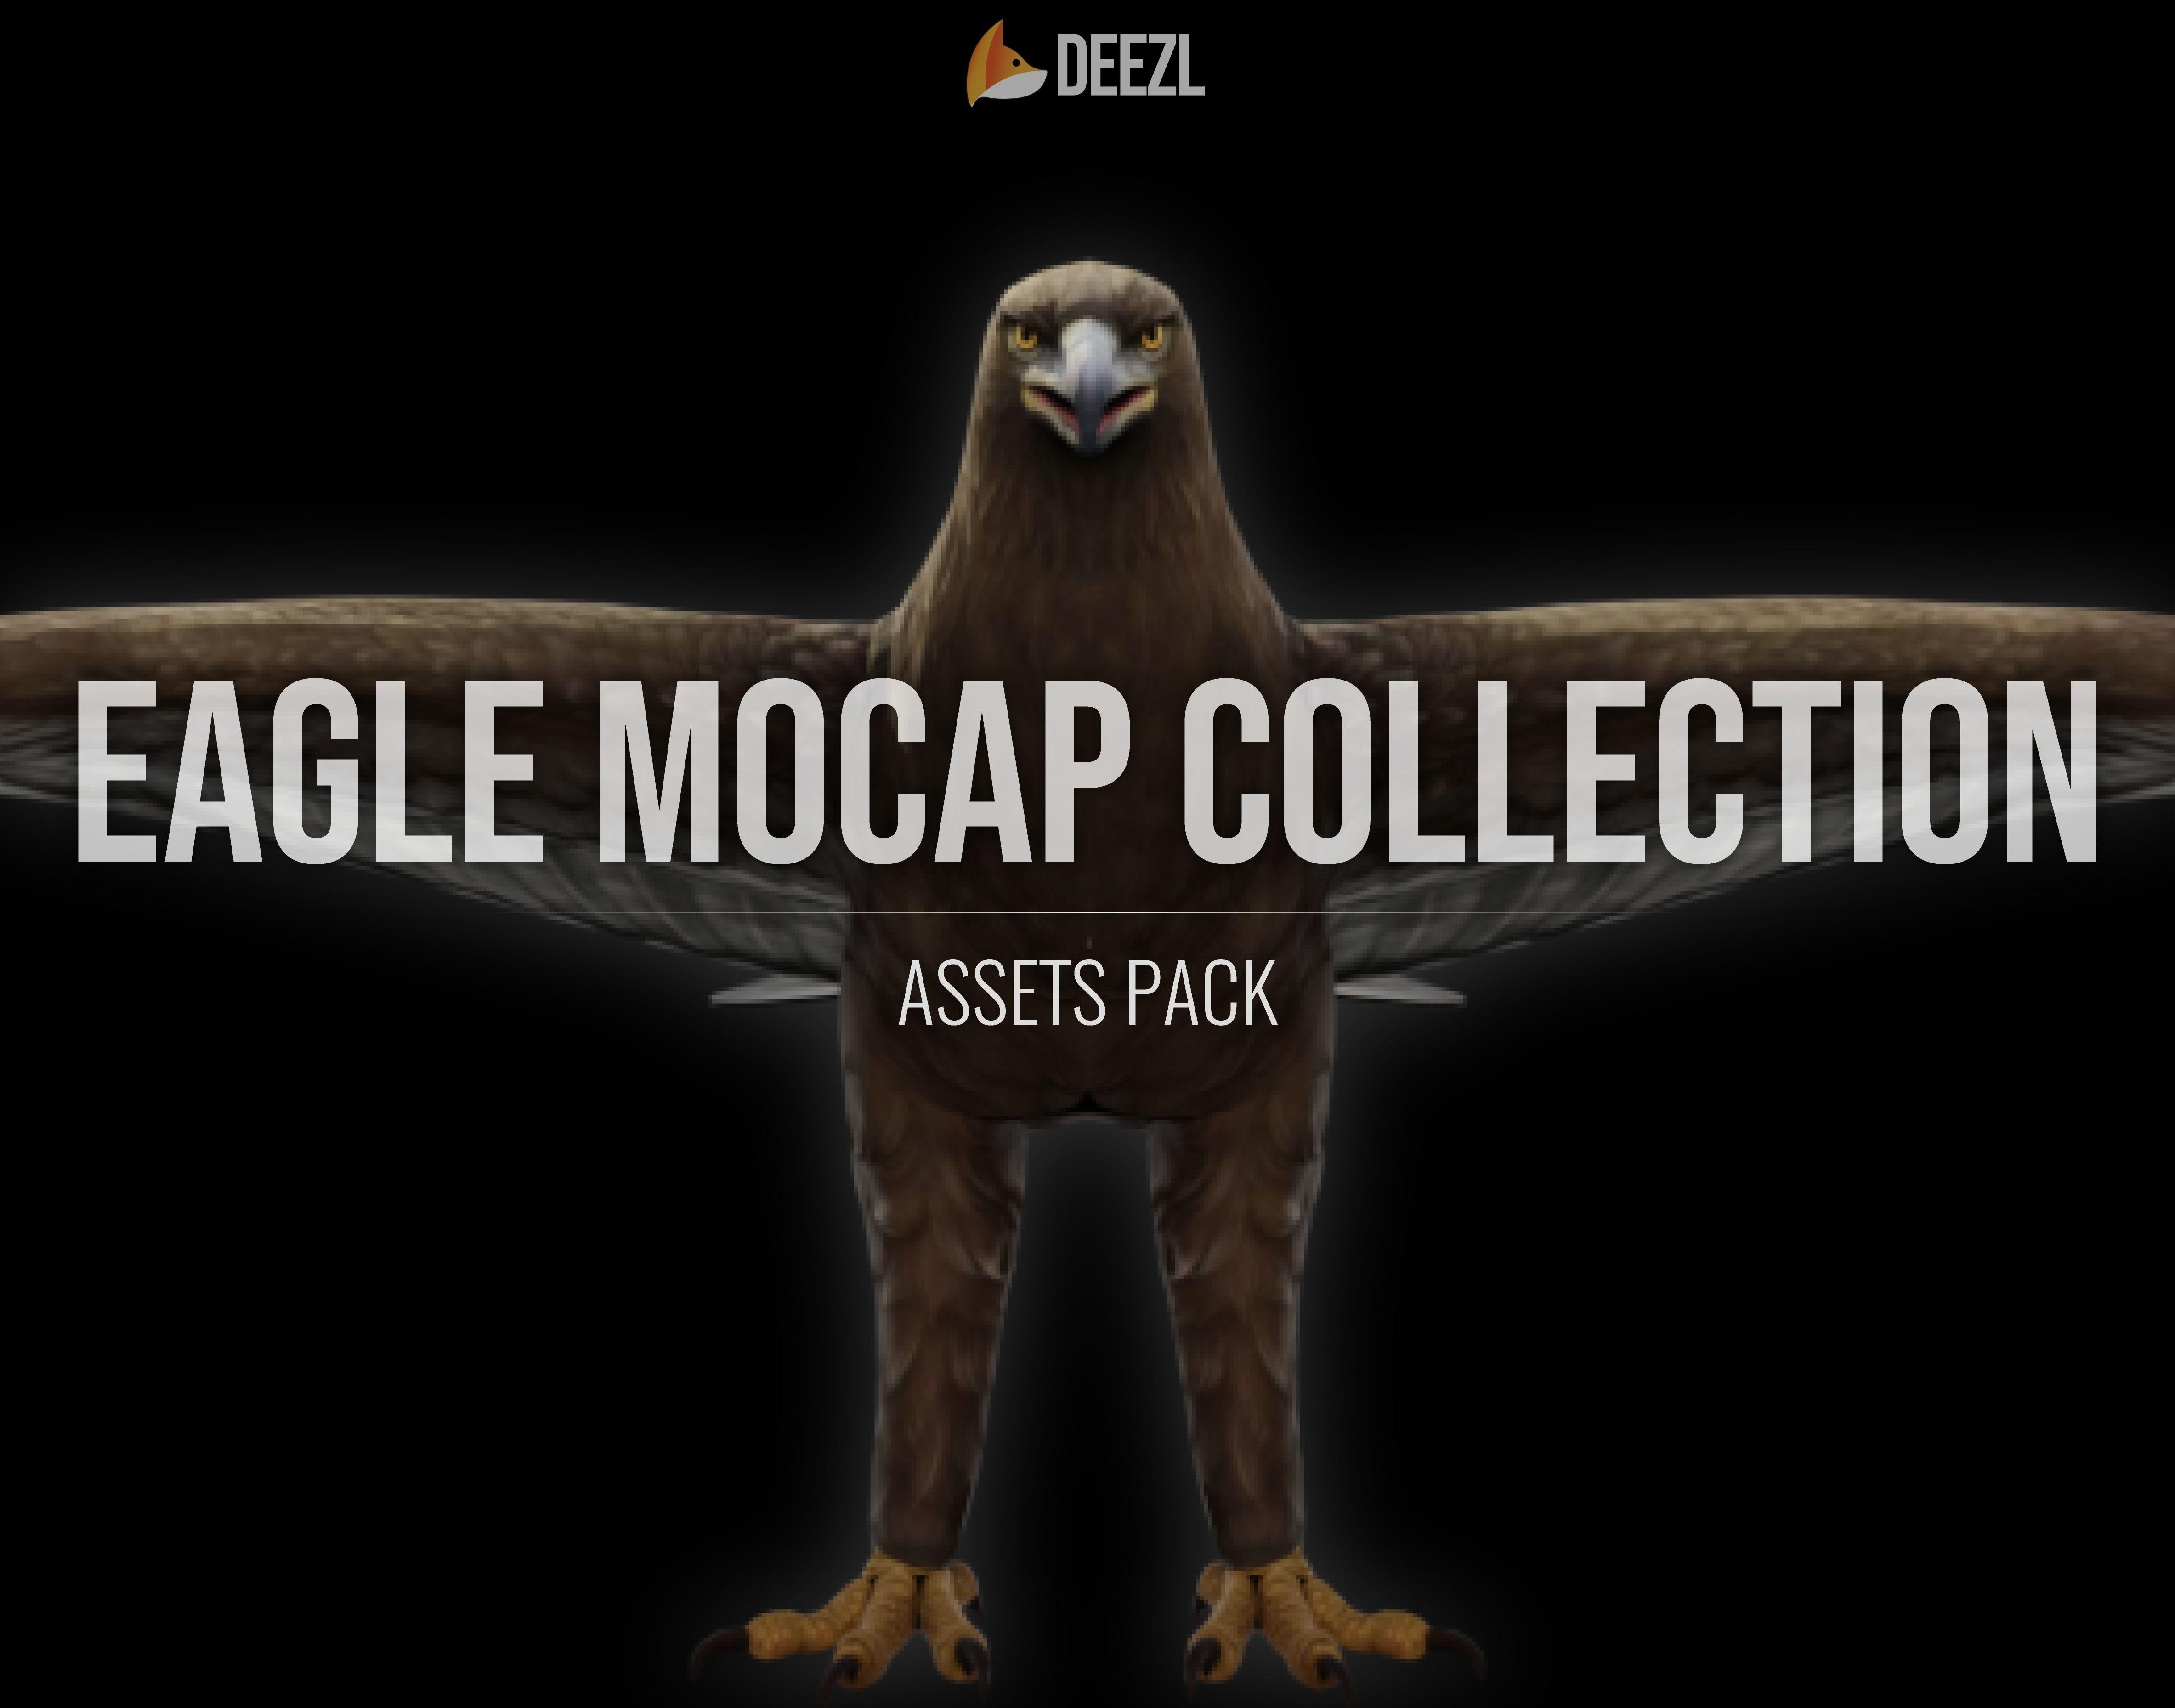 EAGLE MOCAP COLLECTION